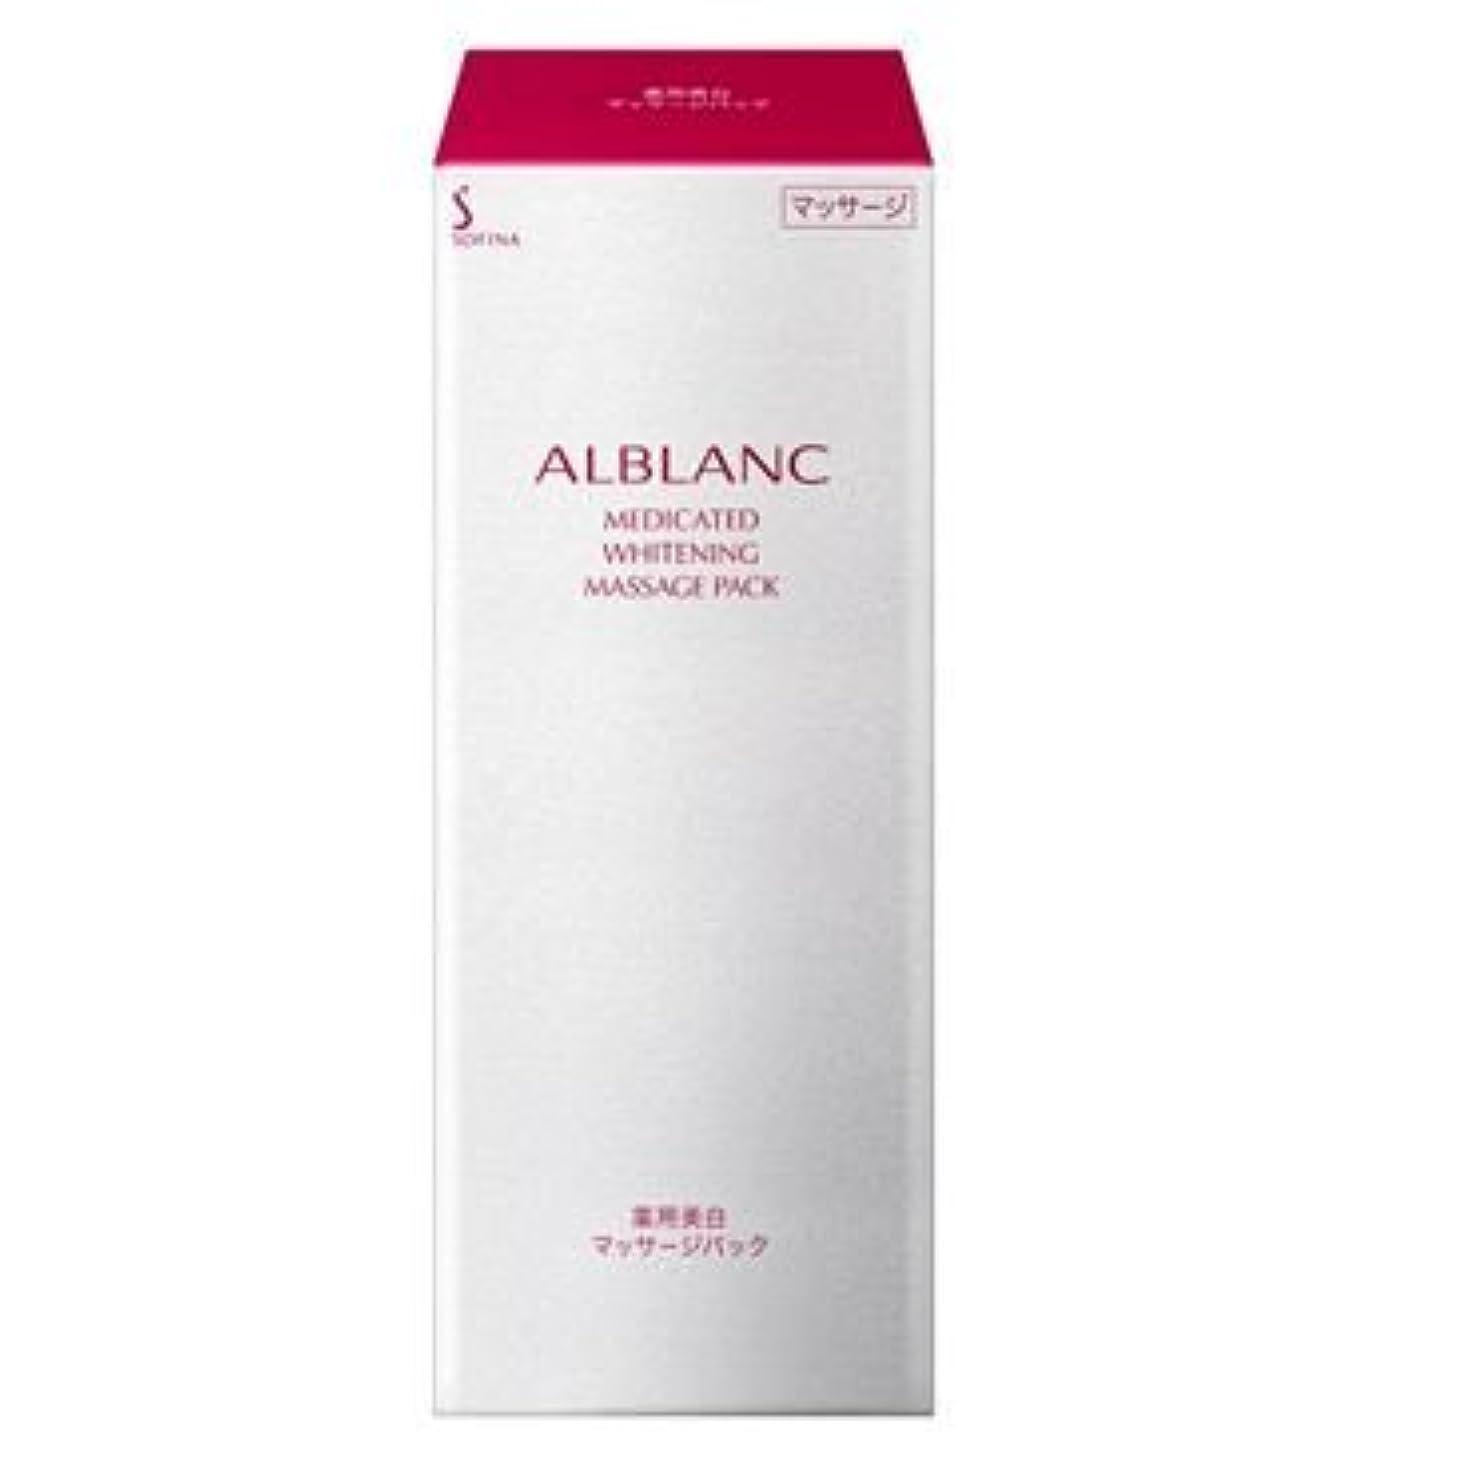 細胞接触通知するアルブラン 薬用美白マッサージパック 125g